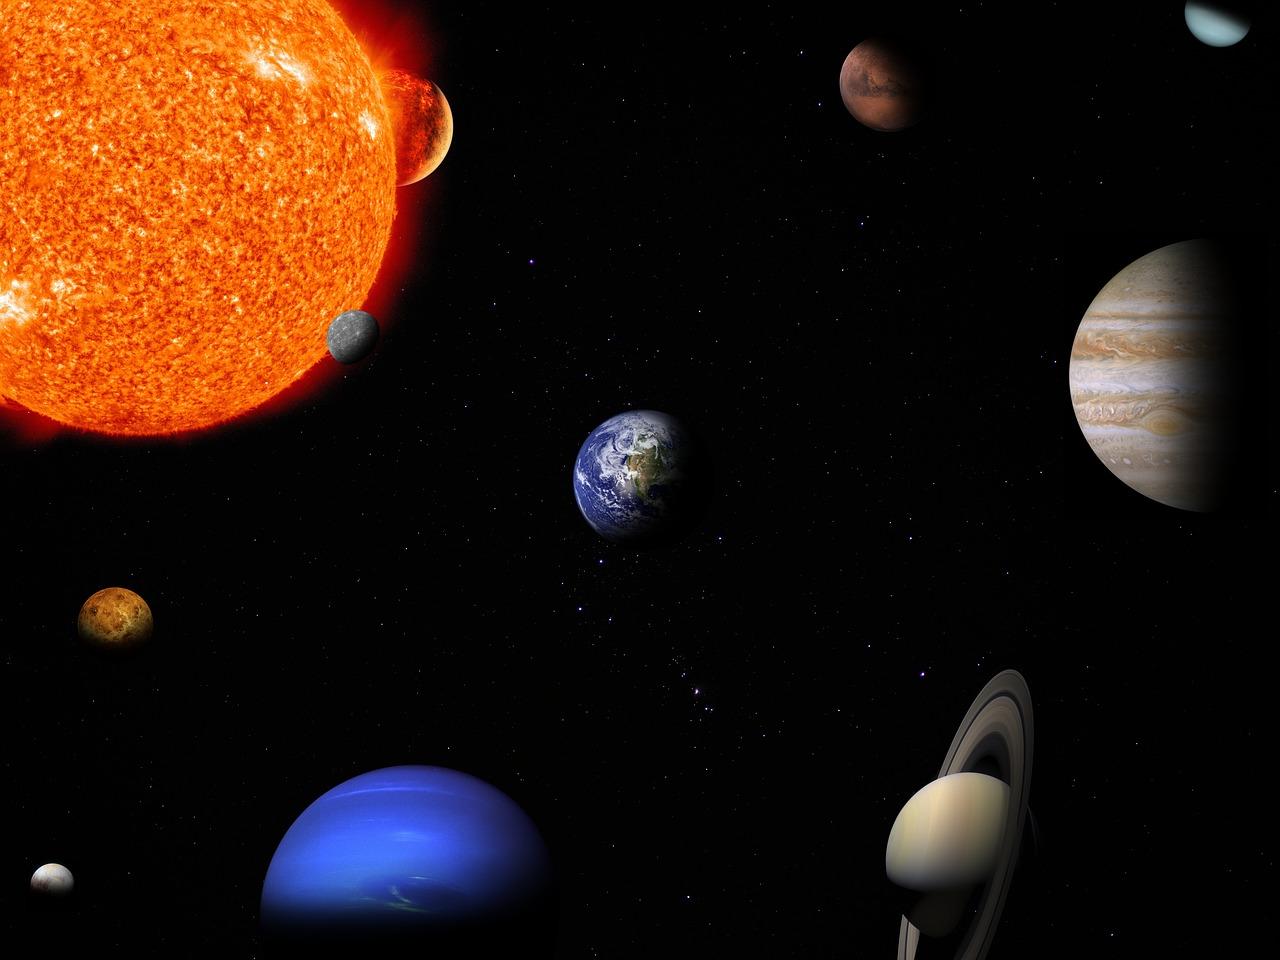 штендеры небольшие смотреть фото планет солнечной системы даже подумываем